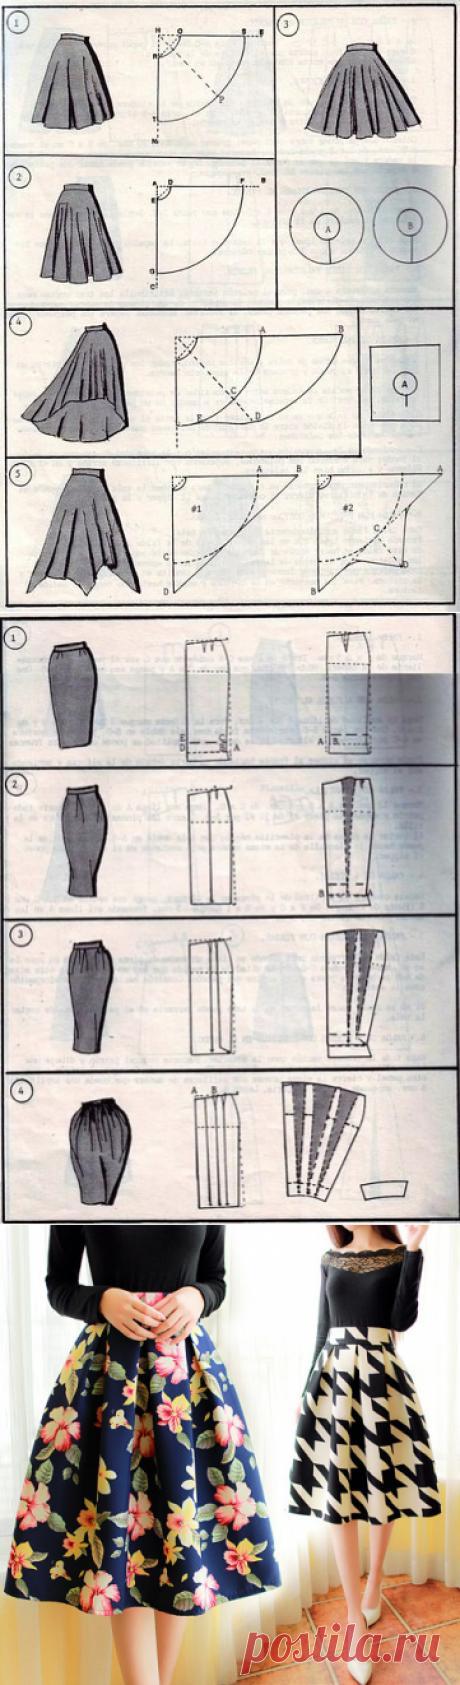 37 modos de coser la falda. Las ideas, el patrón.